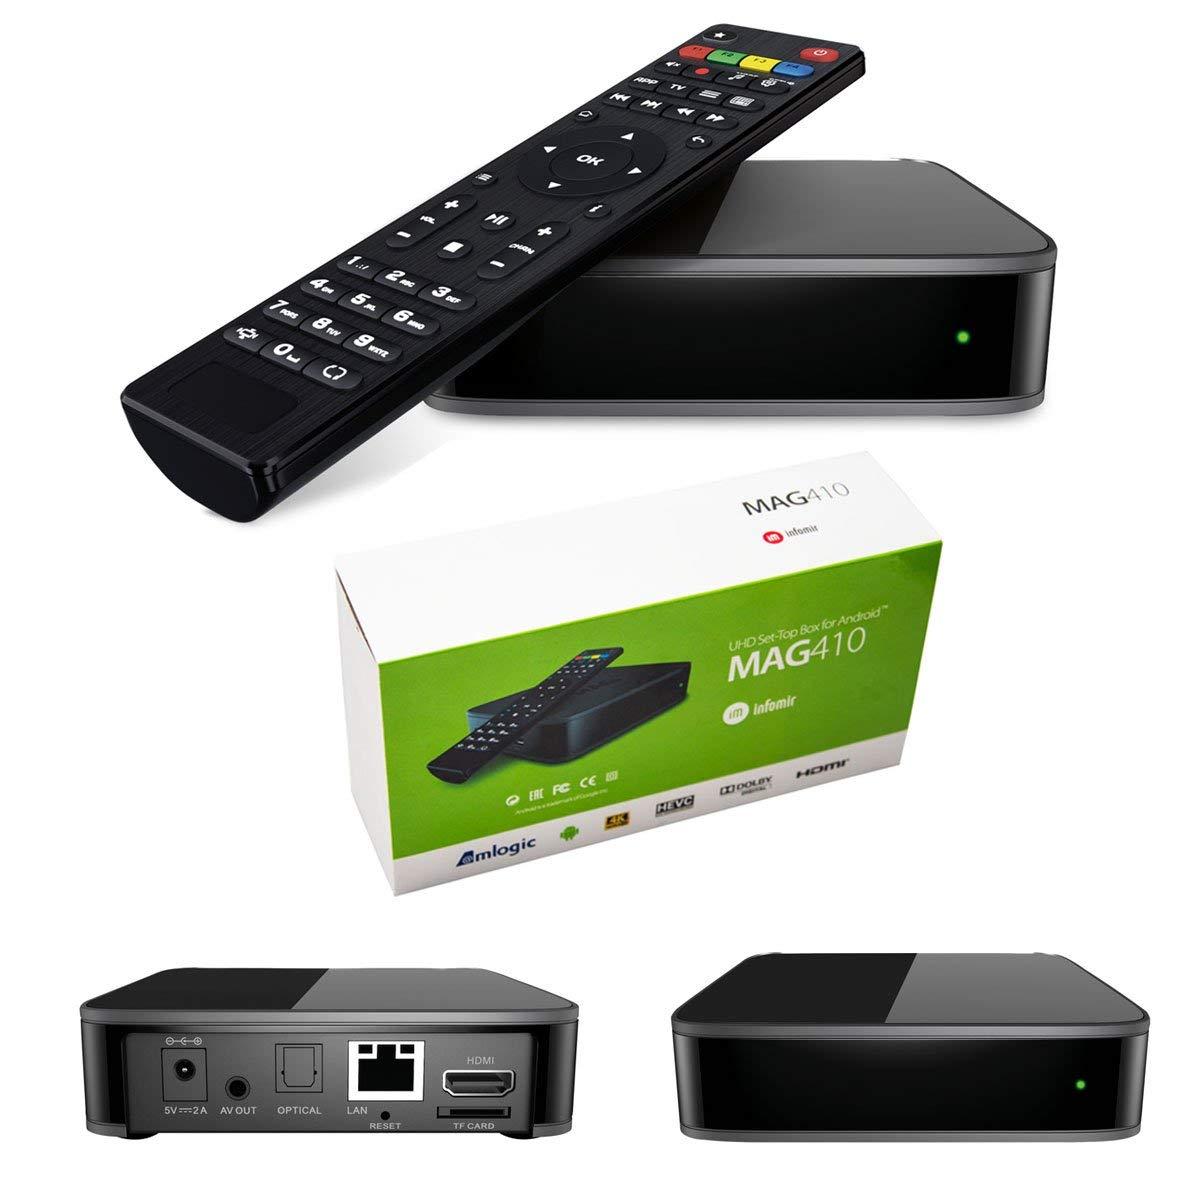 Wo kaufe ich einen IPTV-Receiver Testsieger von ExpertenTesten am besten?